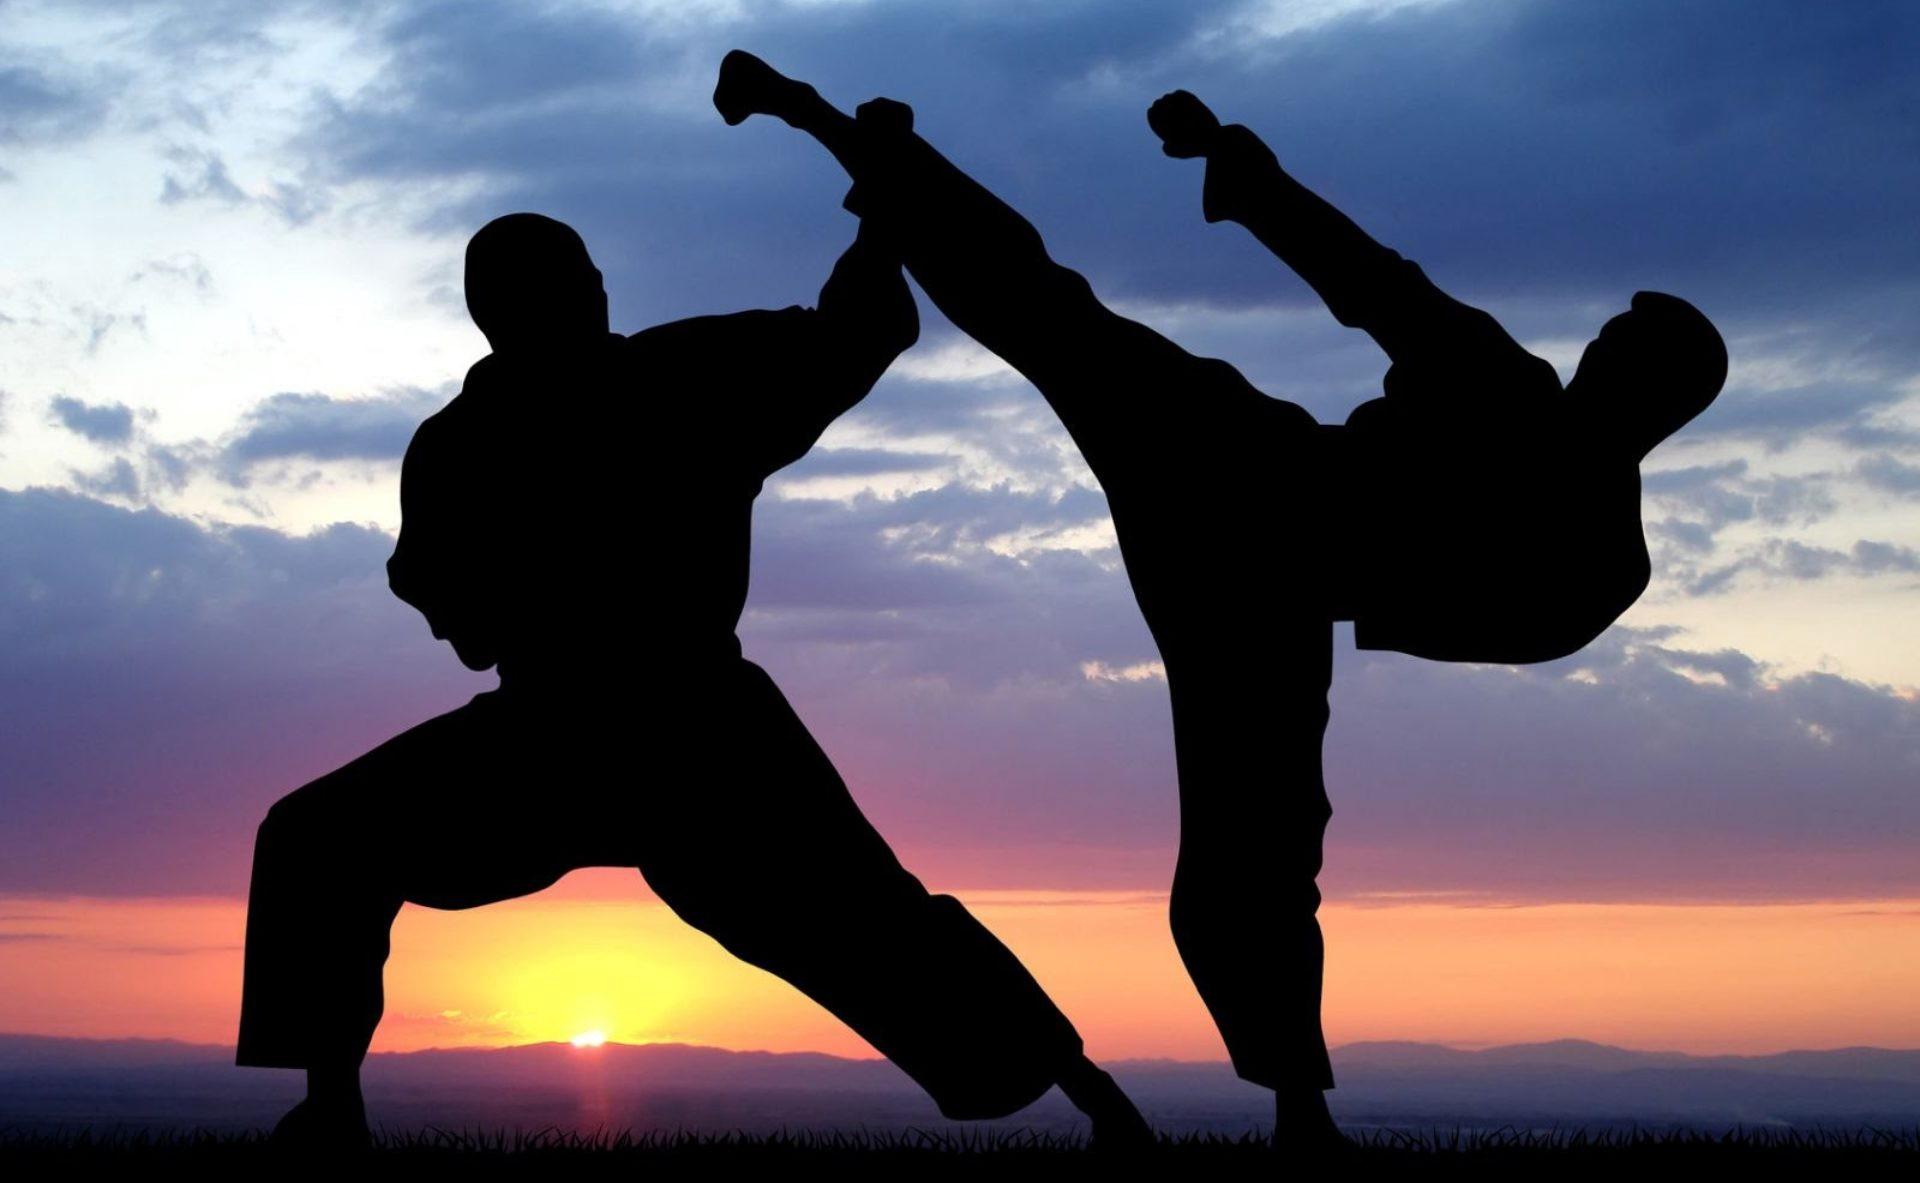 Αθλητισμός Οφέλη Υγεία: Μειώστε το άγχος μέσα από την άσκηση πολεμικών τεχνών [vid]